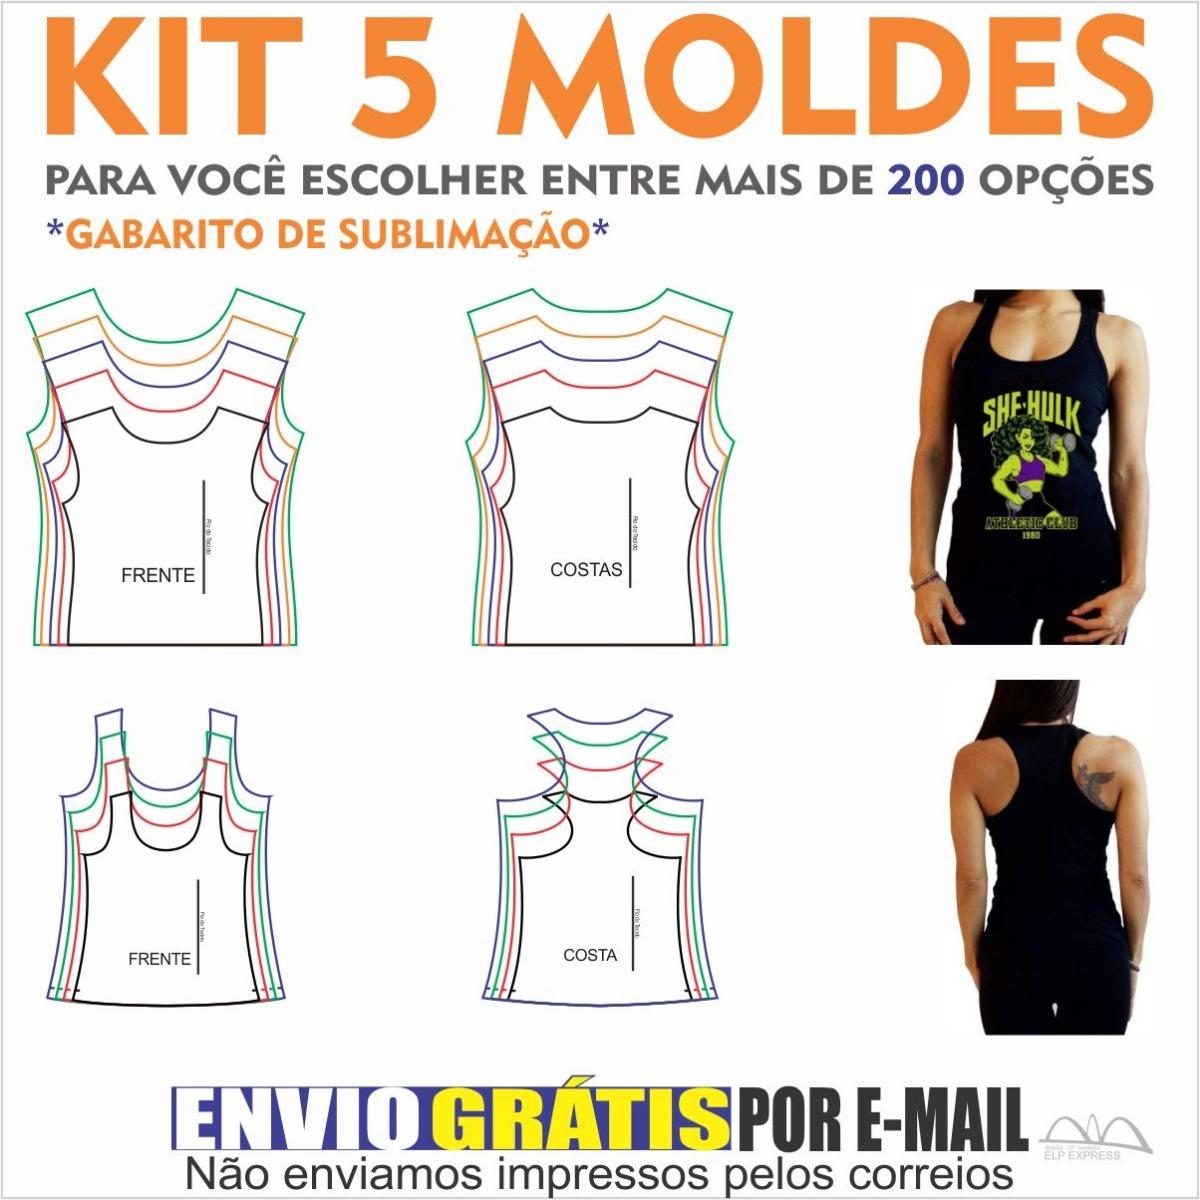 5435264ad8 Kit 5 Moldes De Roupas A Sua Escolha. Promoção Relâmpago - R  40